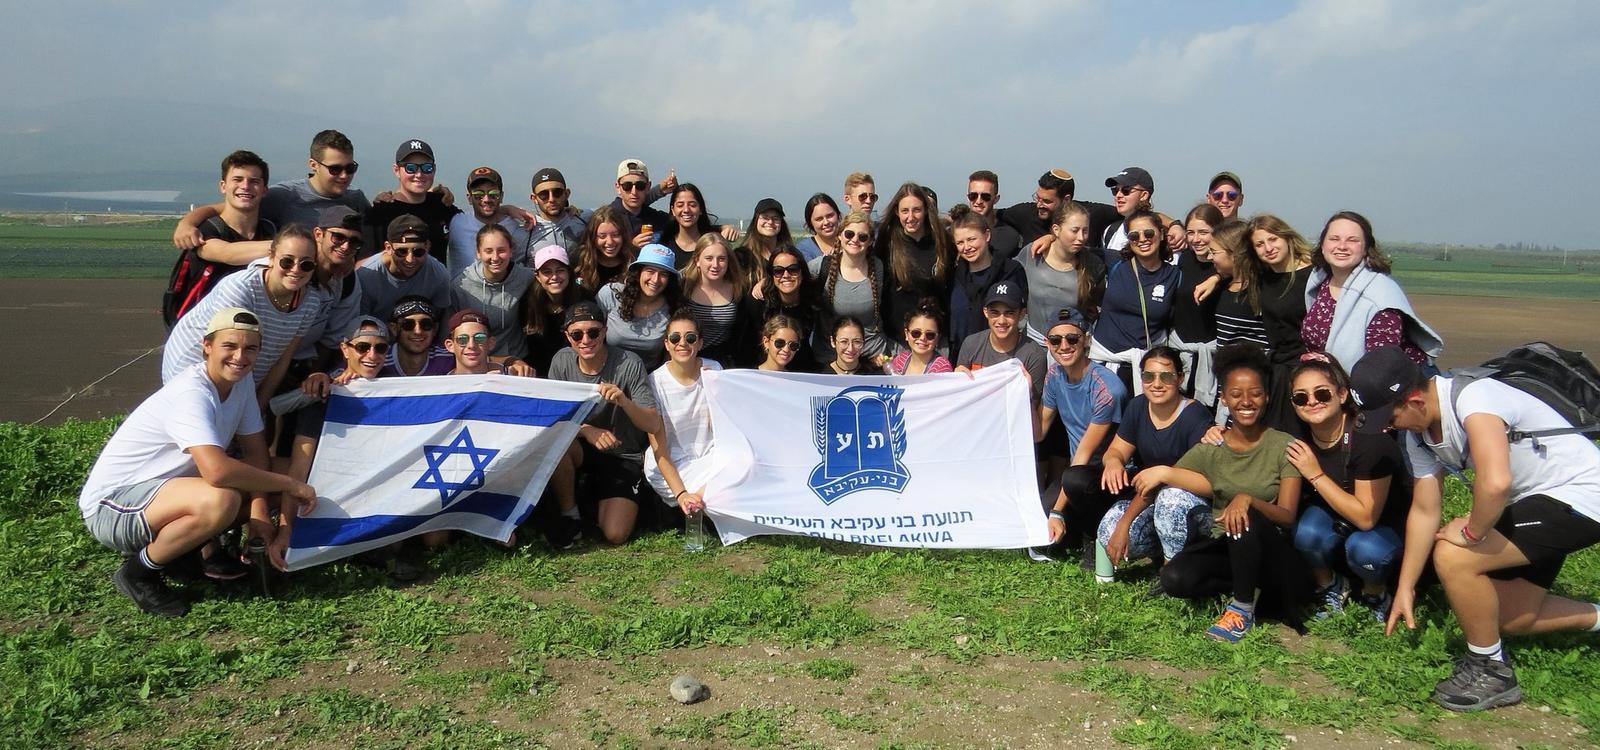 Israel Programs - Bnei Akiva Limmud